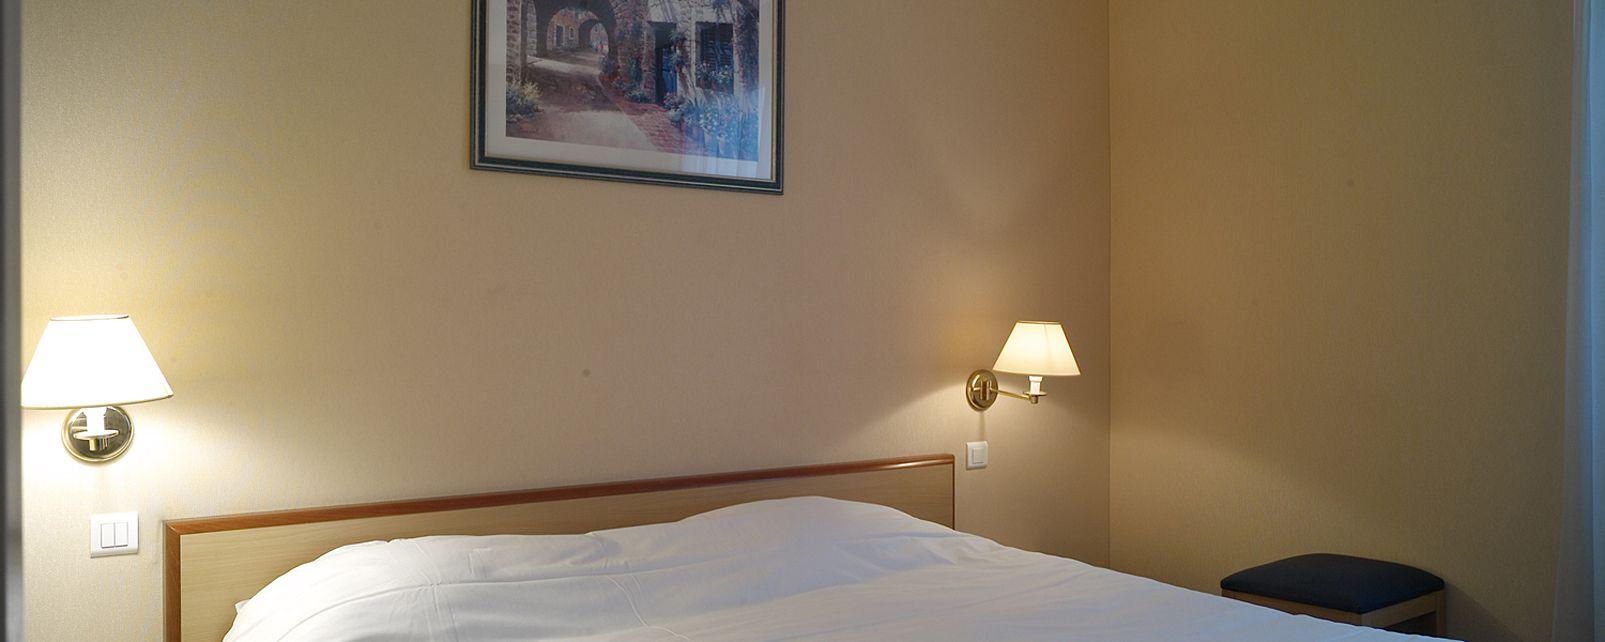 Hôtel Best Western Hotel Univers